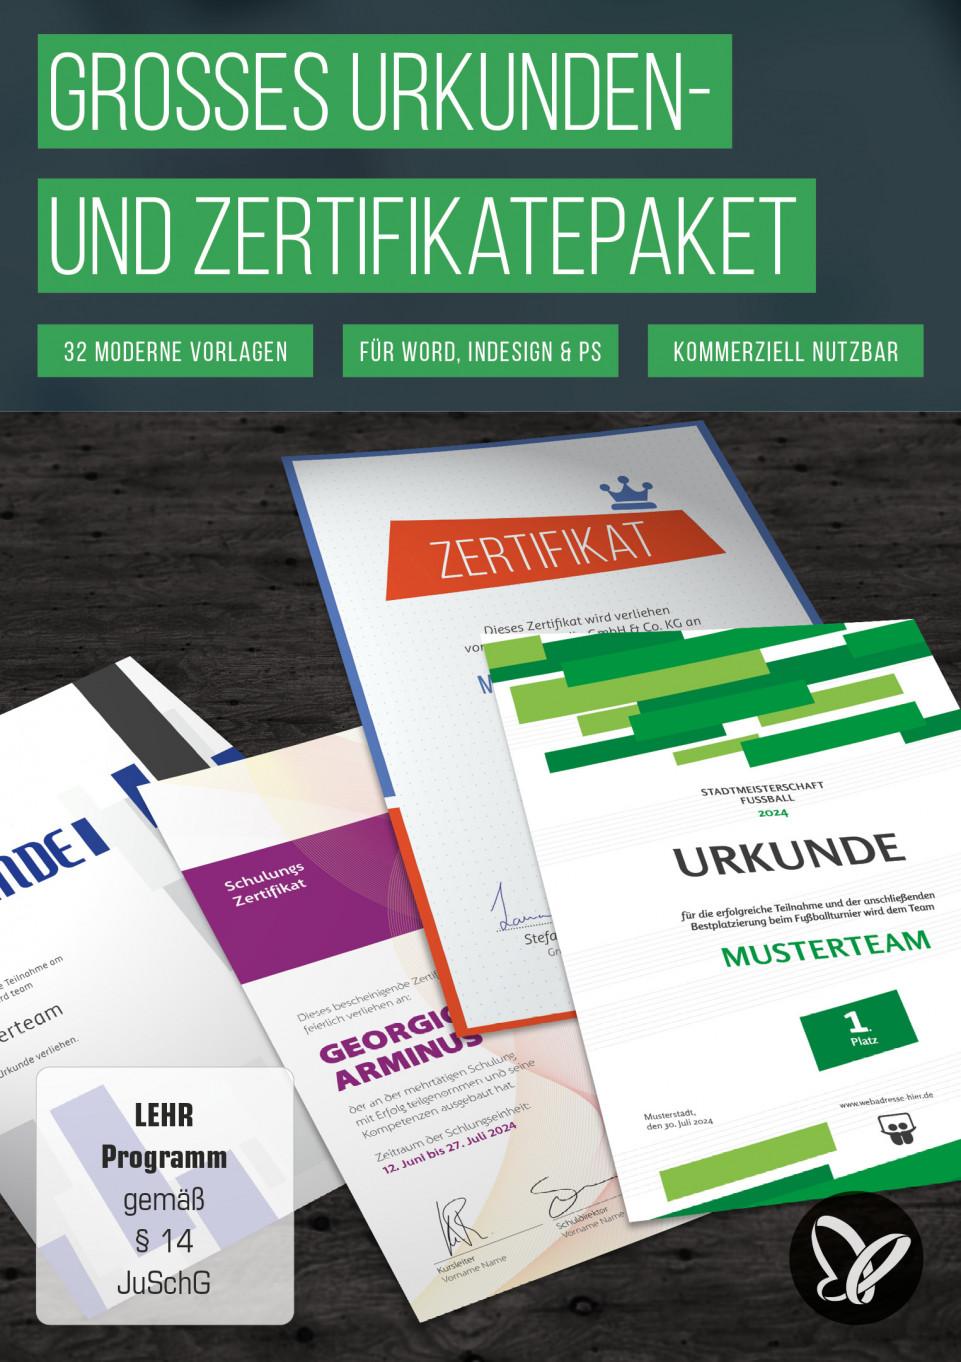 Urkunden & Zertifikate: Vorlagen zum Gestalten und Ausdrucken